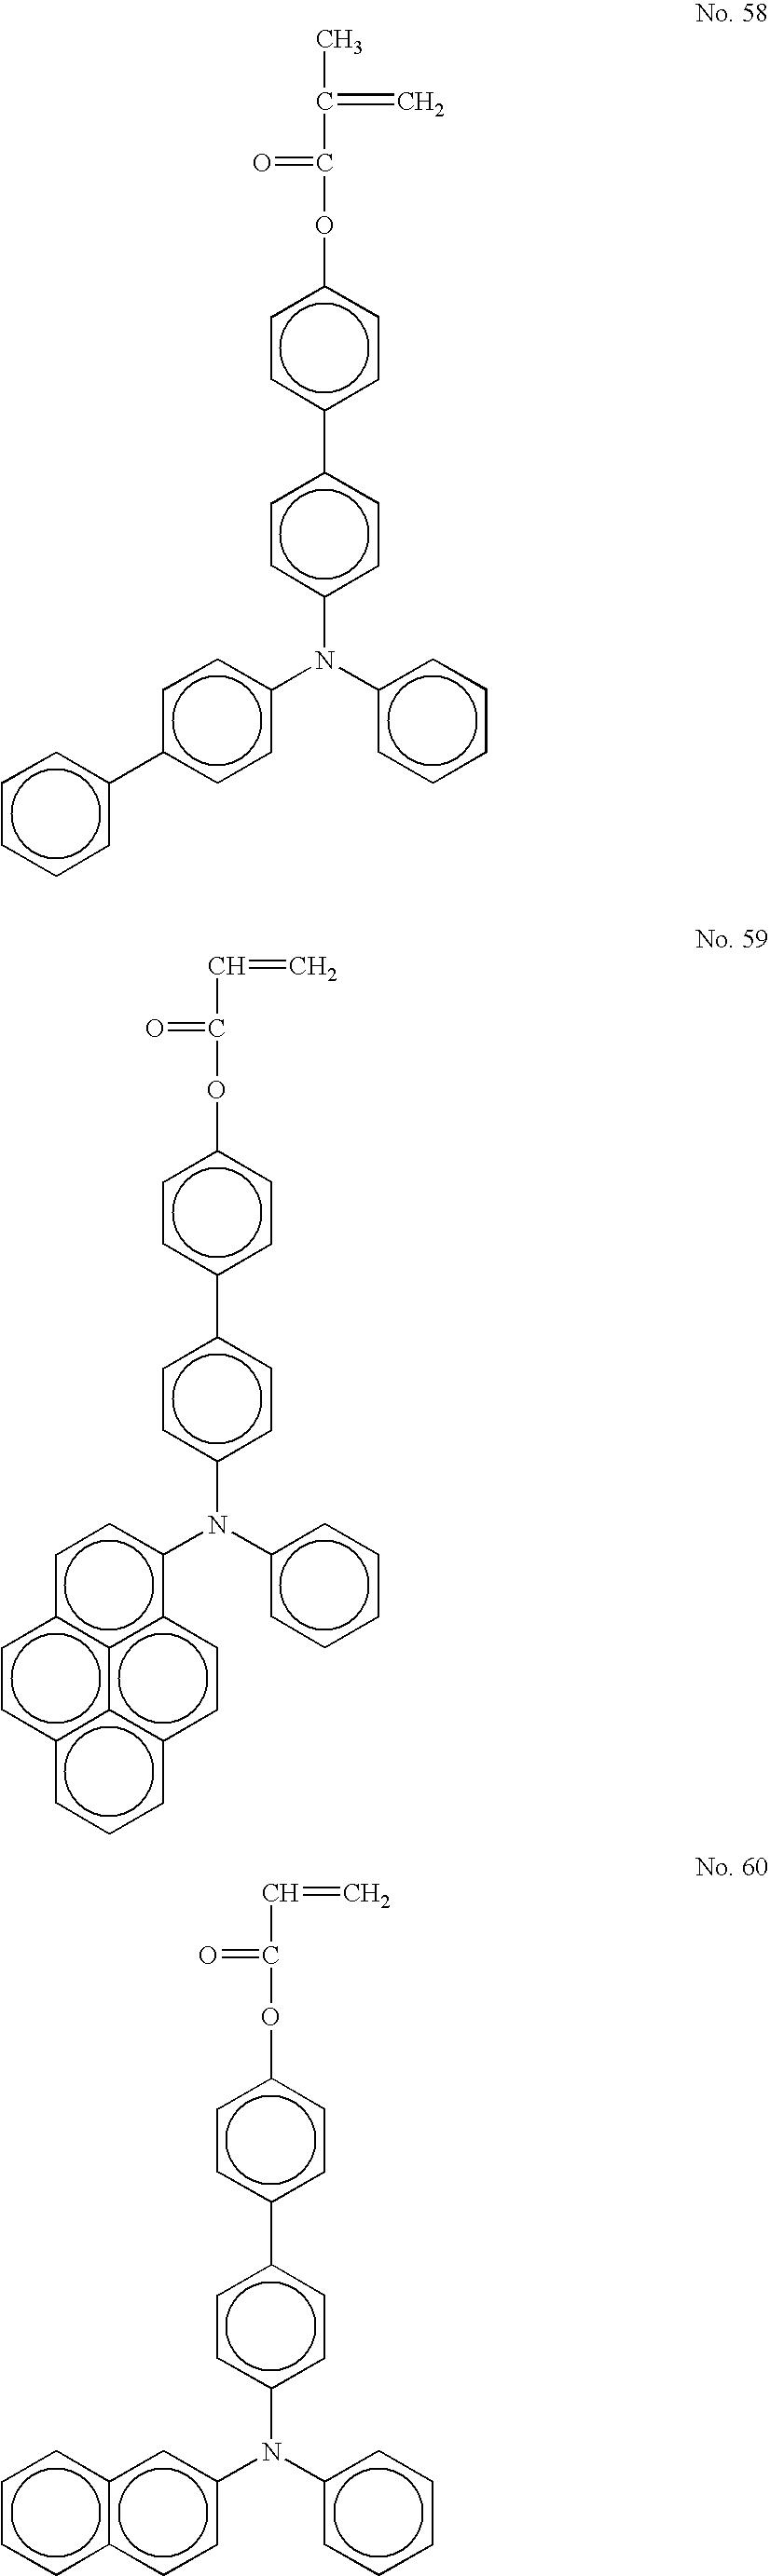 Figure US07361438-20080422-C00027